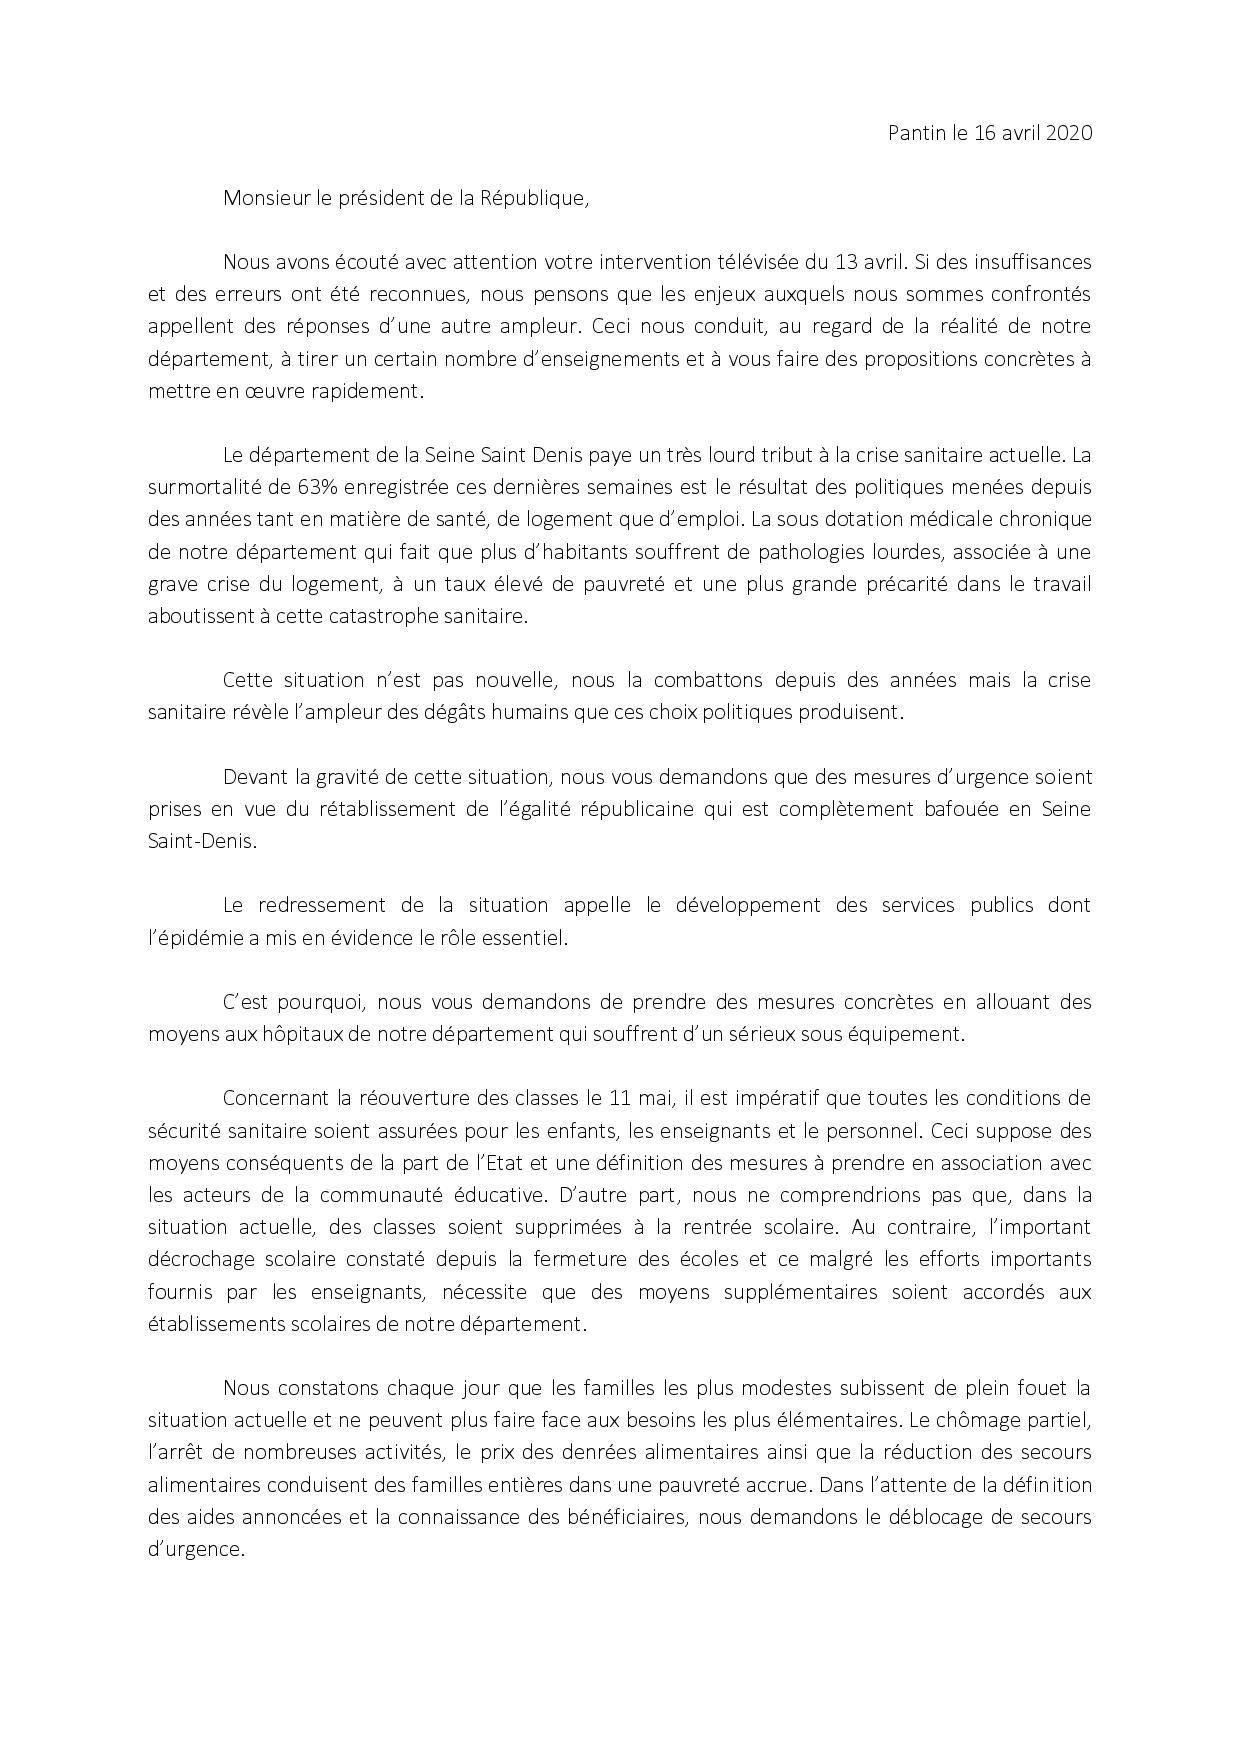 lettre_au_président_de_la_République-1-page-001-1.jpg